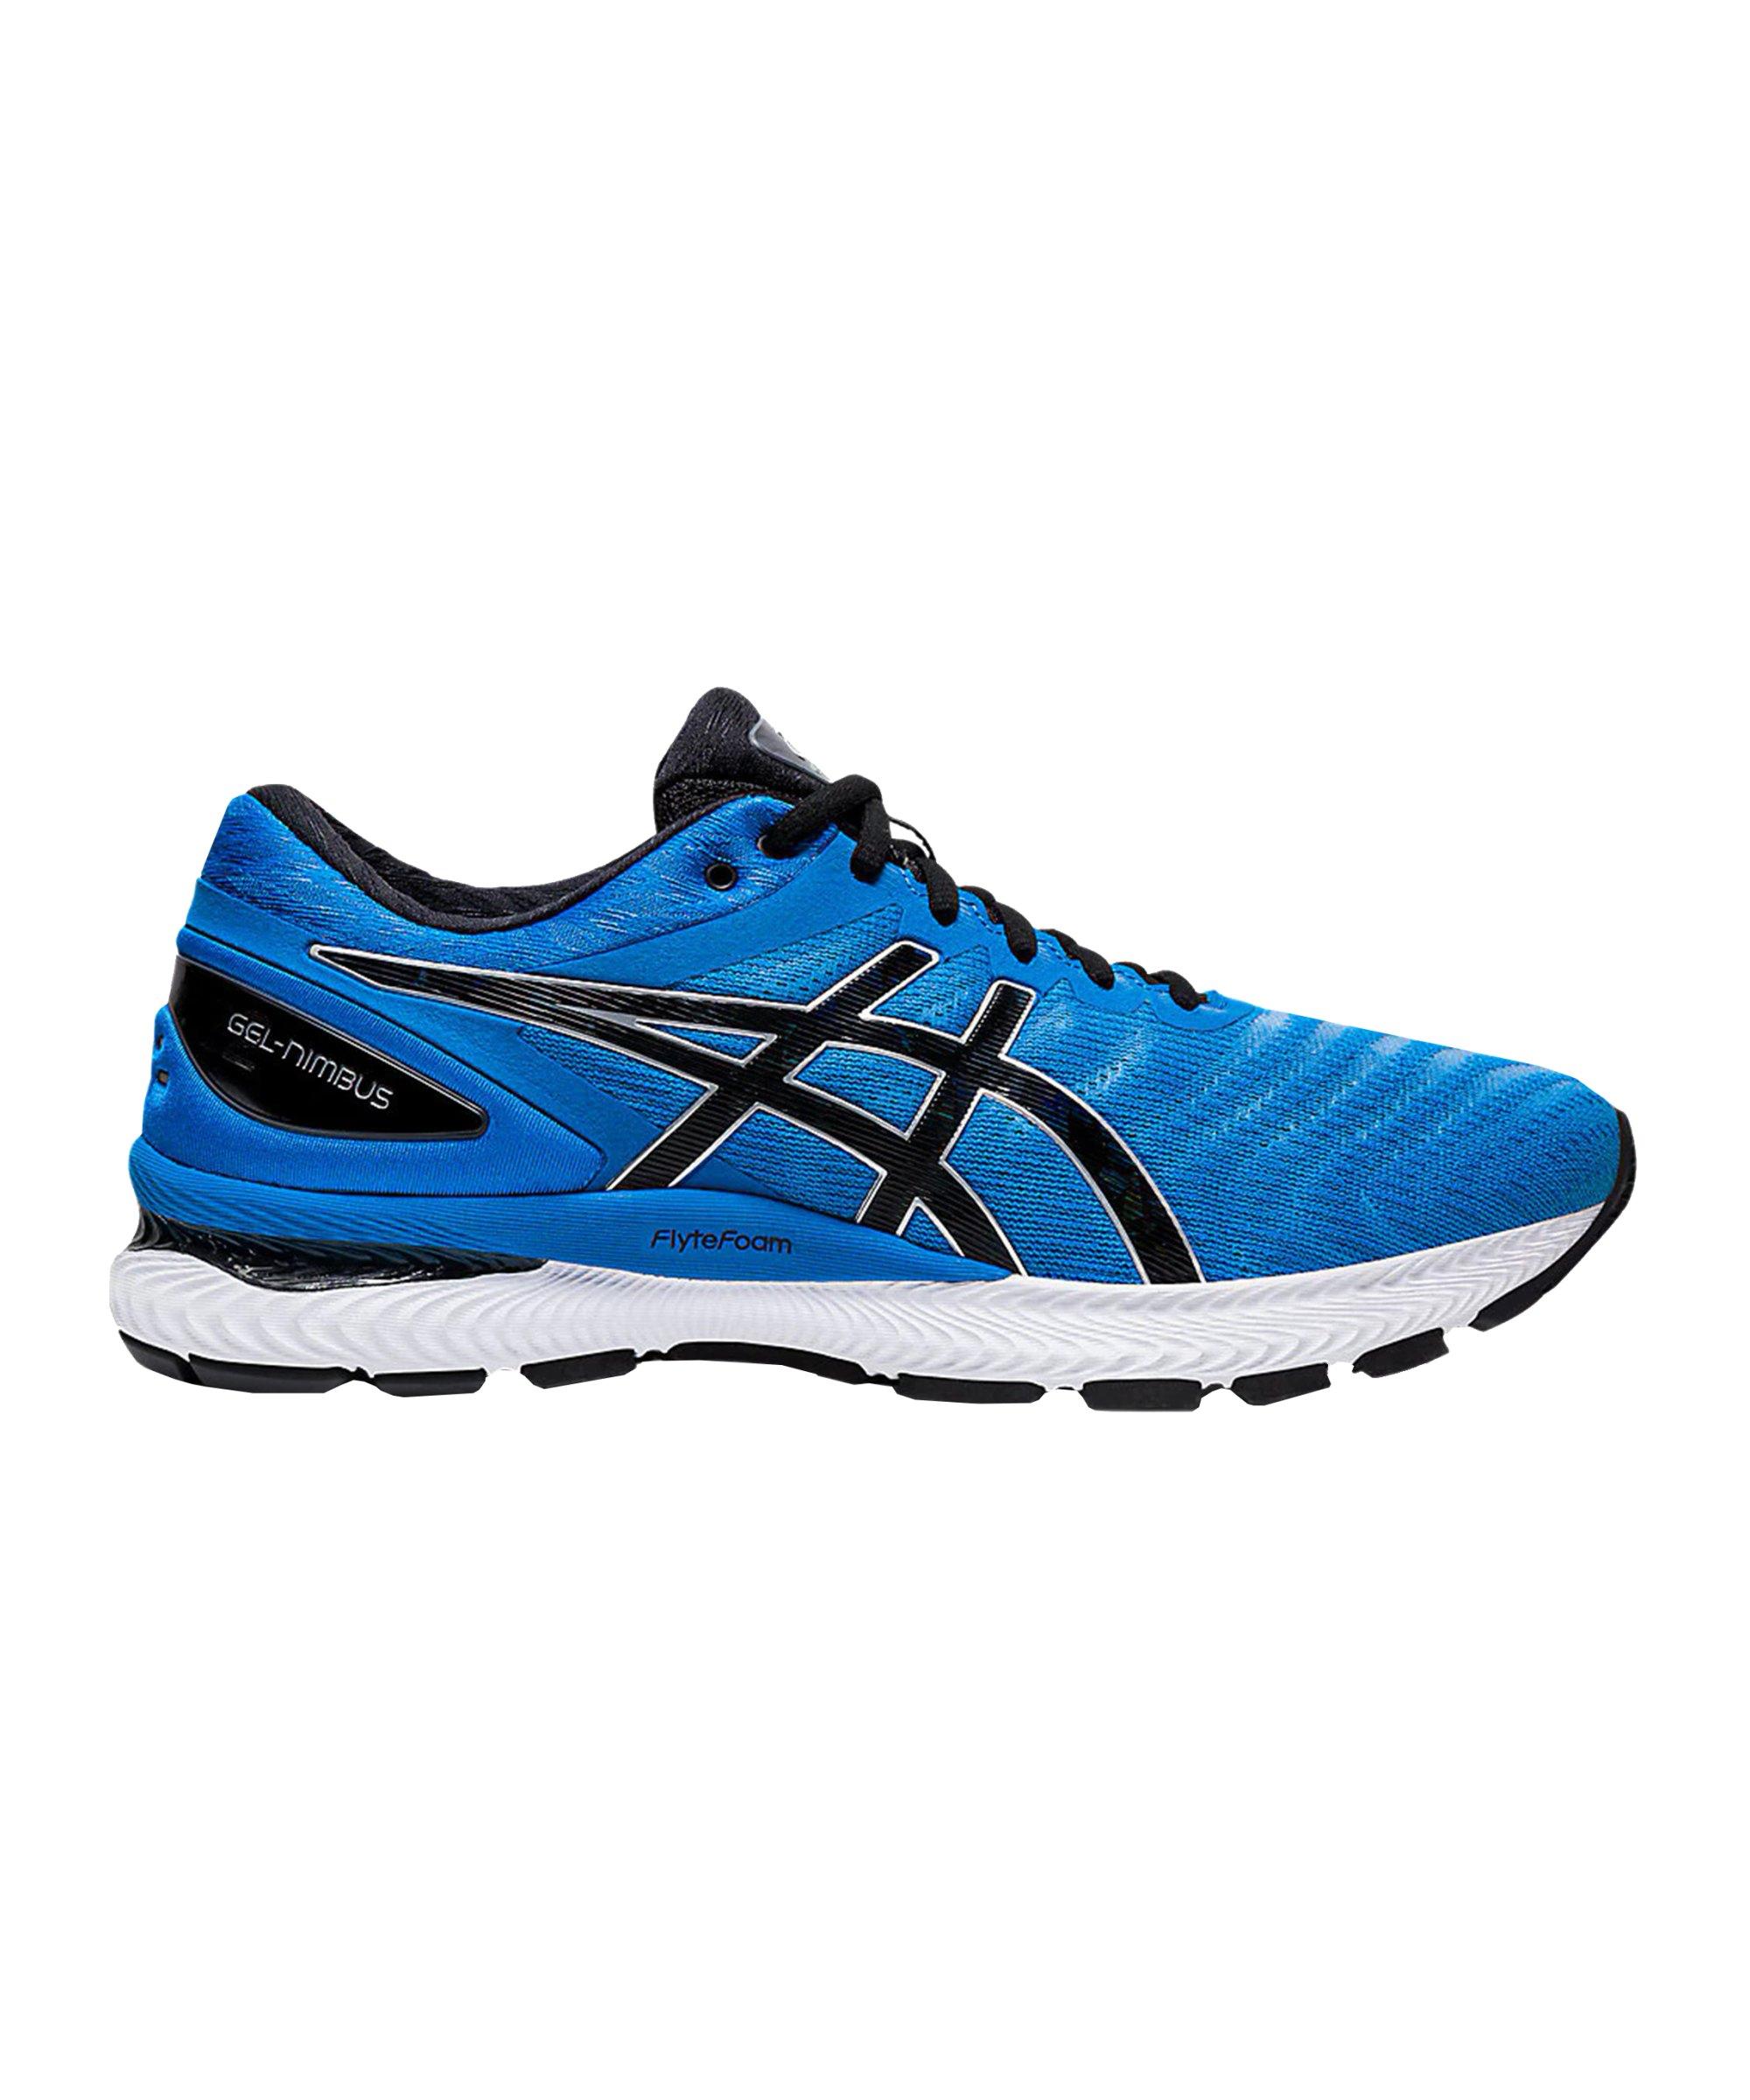 Asics Gel-Nimbus 22 Running Blau F405 - blau